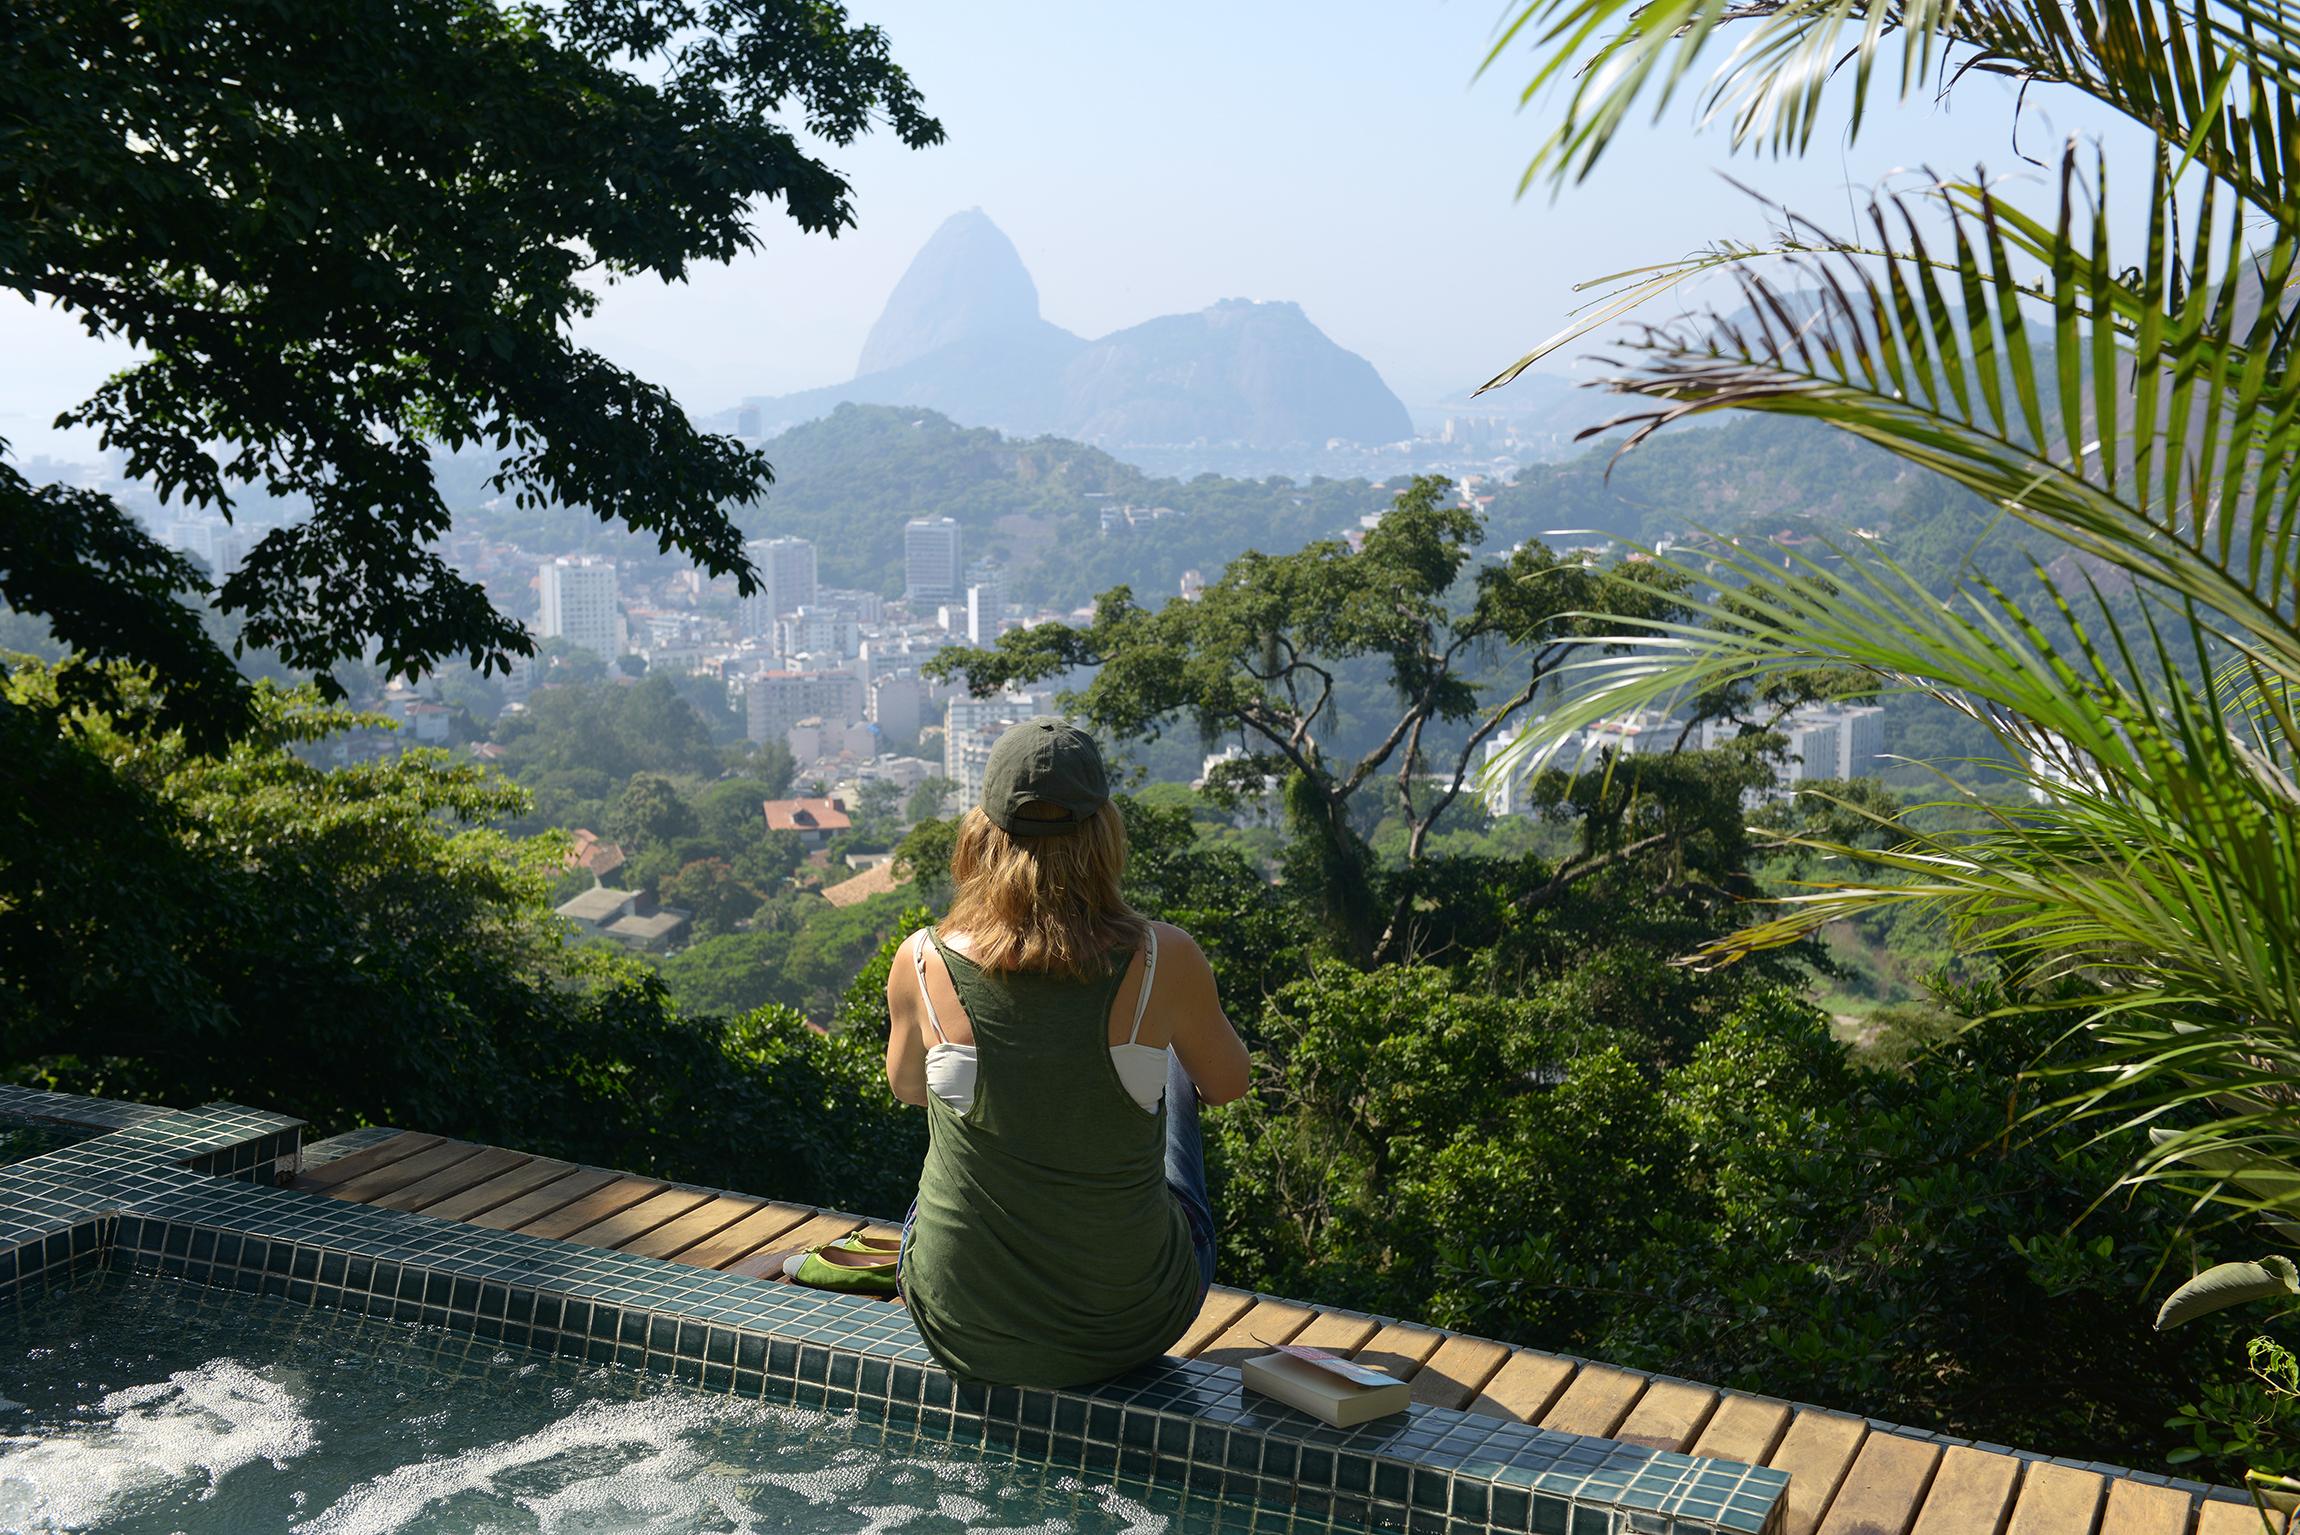 maisemat, Rio de Janeiro, Brasilia, uima-allas, hotelli, matka, matkablogi, tropiikki